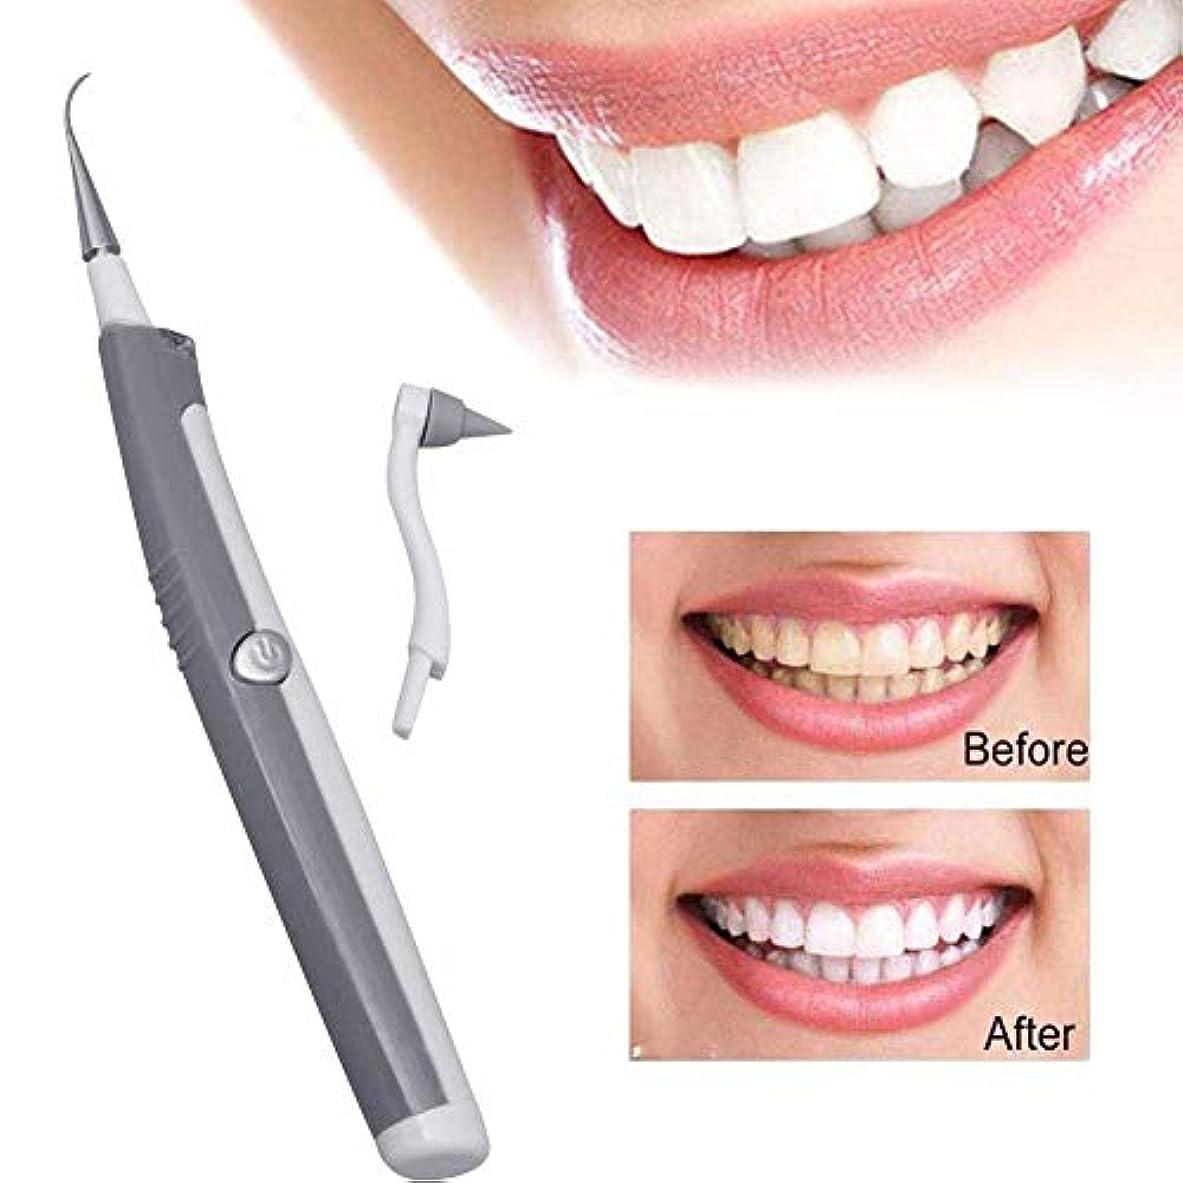 はず十弱めるLEDライト付きツールを白くする家庭用携帯用歯磨き粉電動歯の汚れ消しゴム振動歯